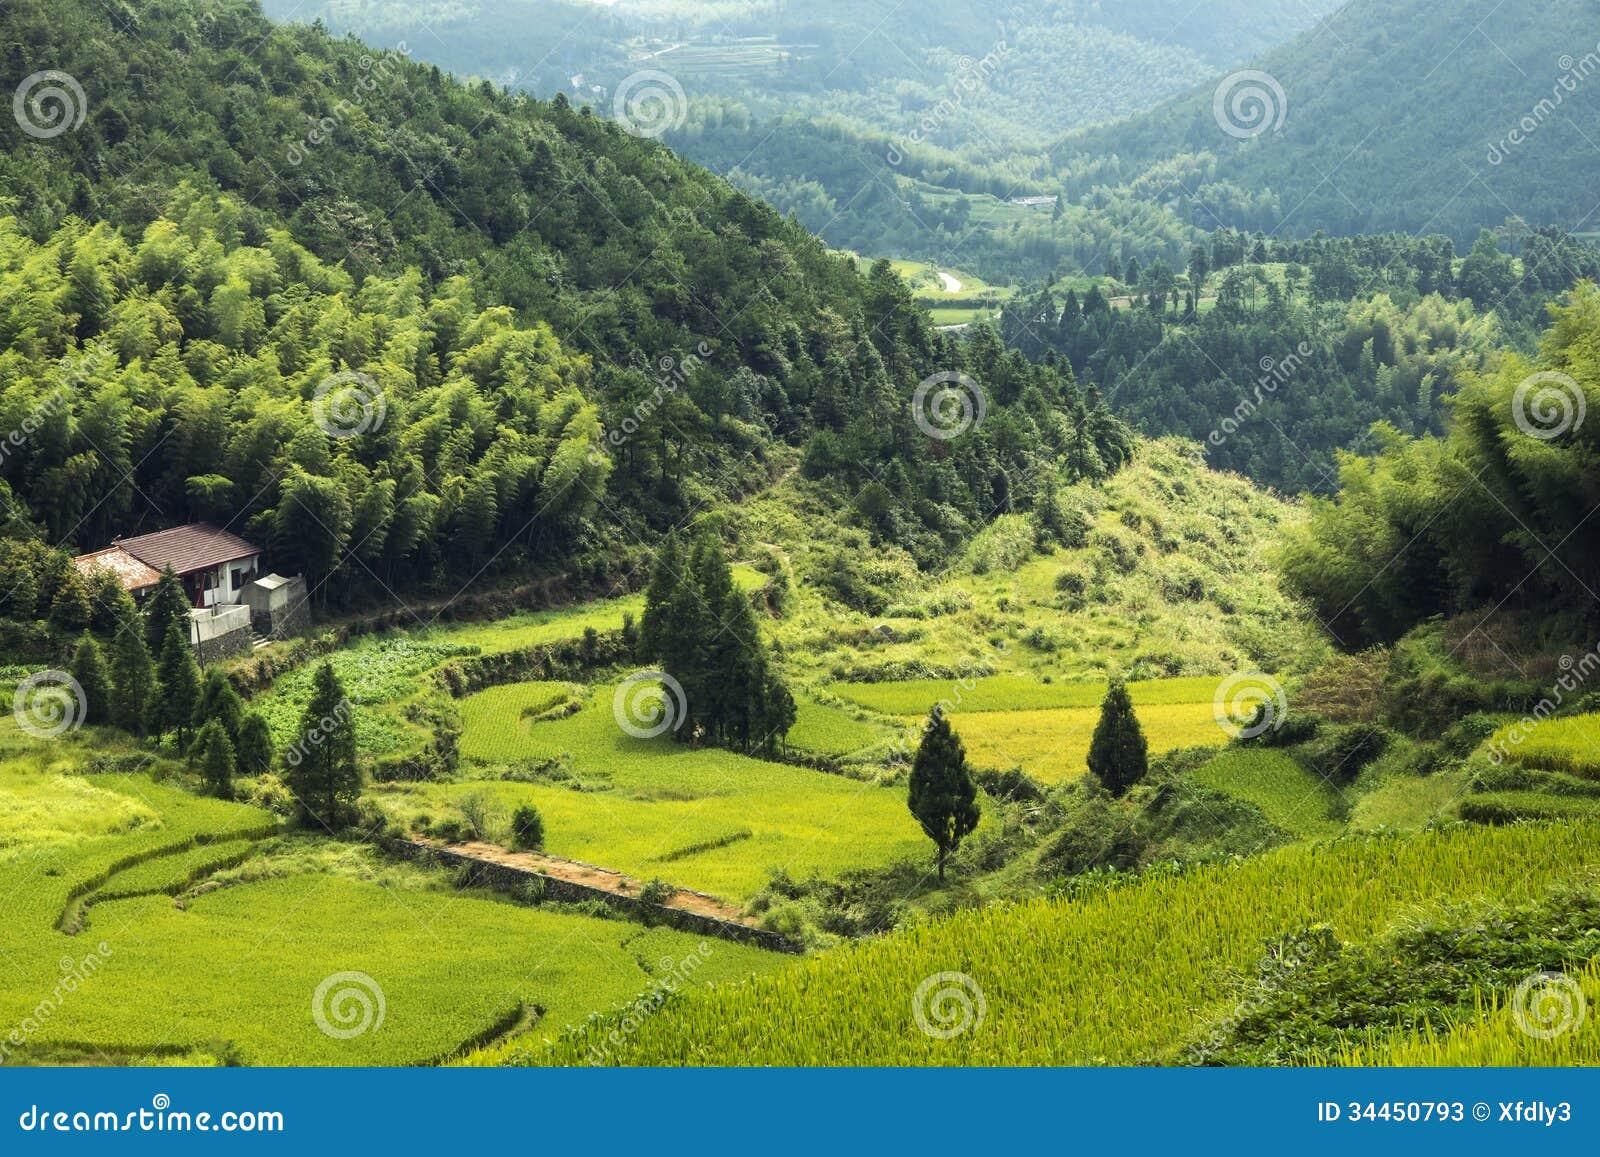 China Wenzhou Landscape Mountain Scenery Stock s Image